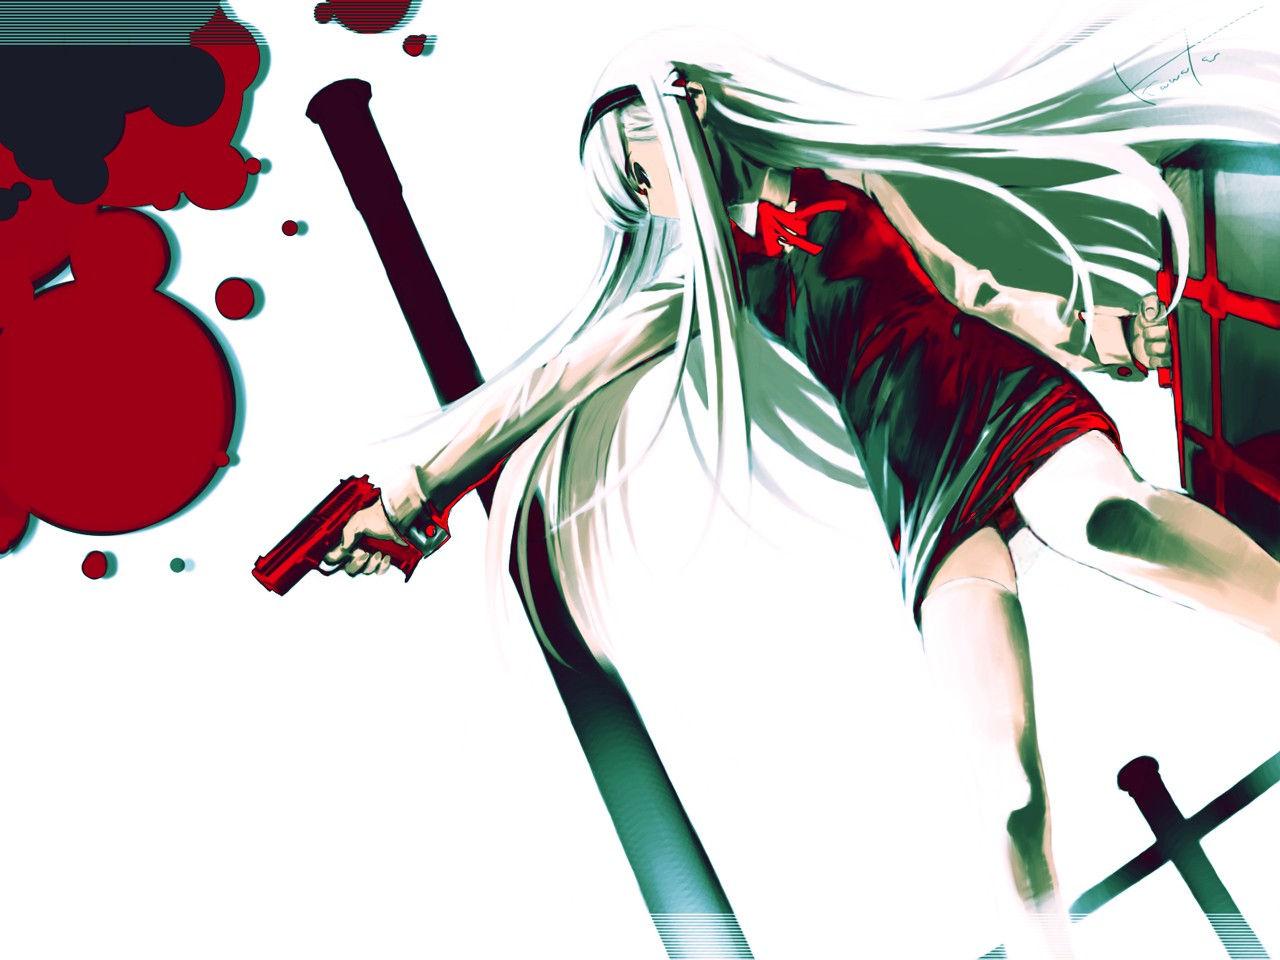 Аниме картинки с кровью девушки с холодным оружием